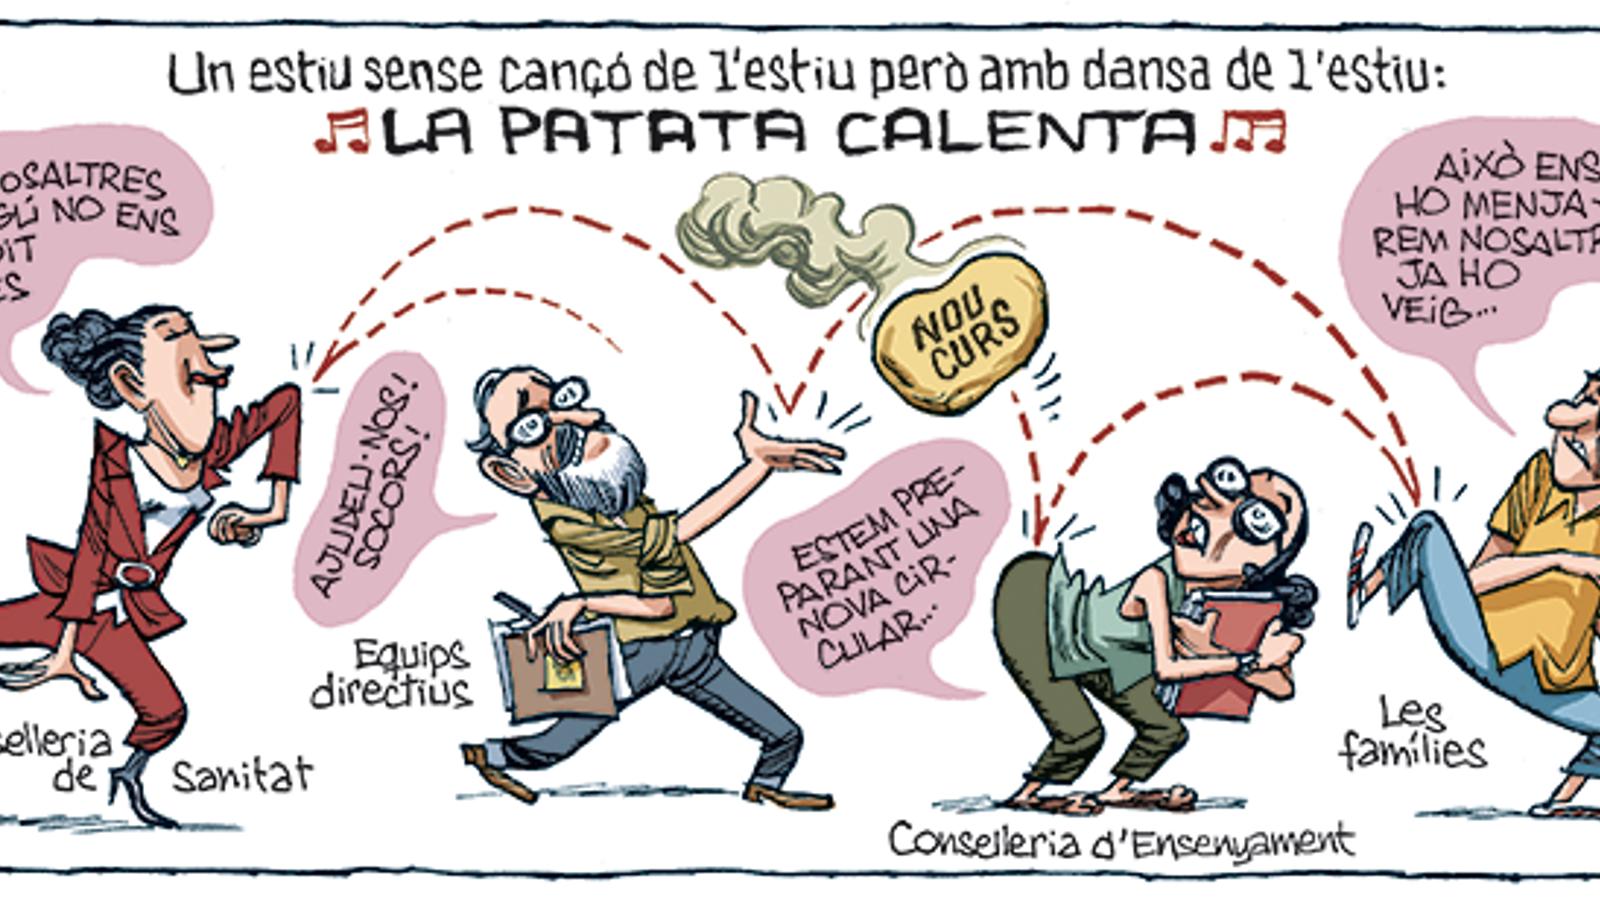 'A la contra', per Manel Fontdevila (18/08/2020)